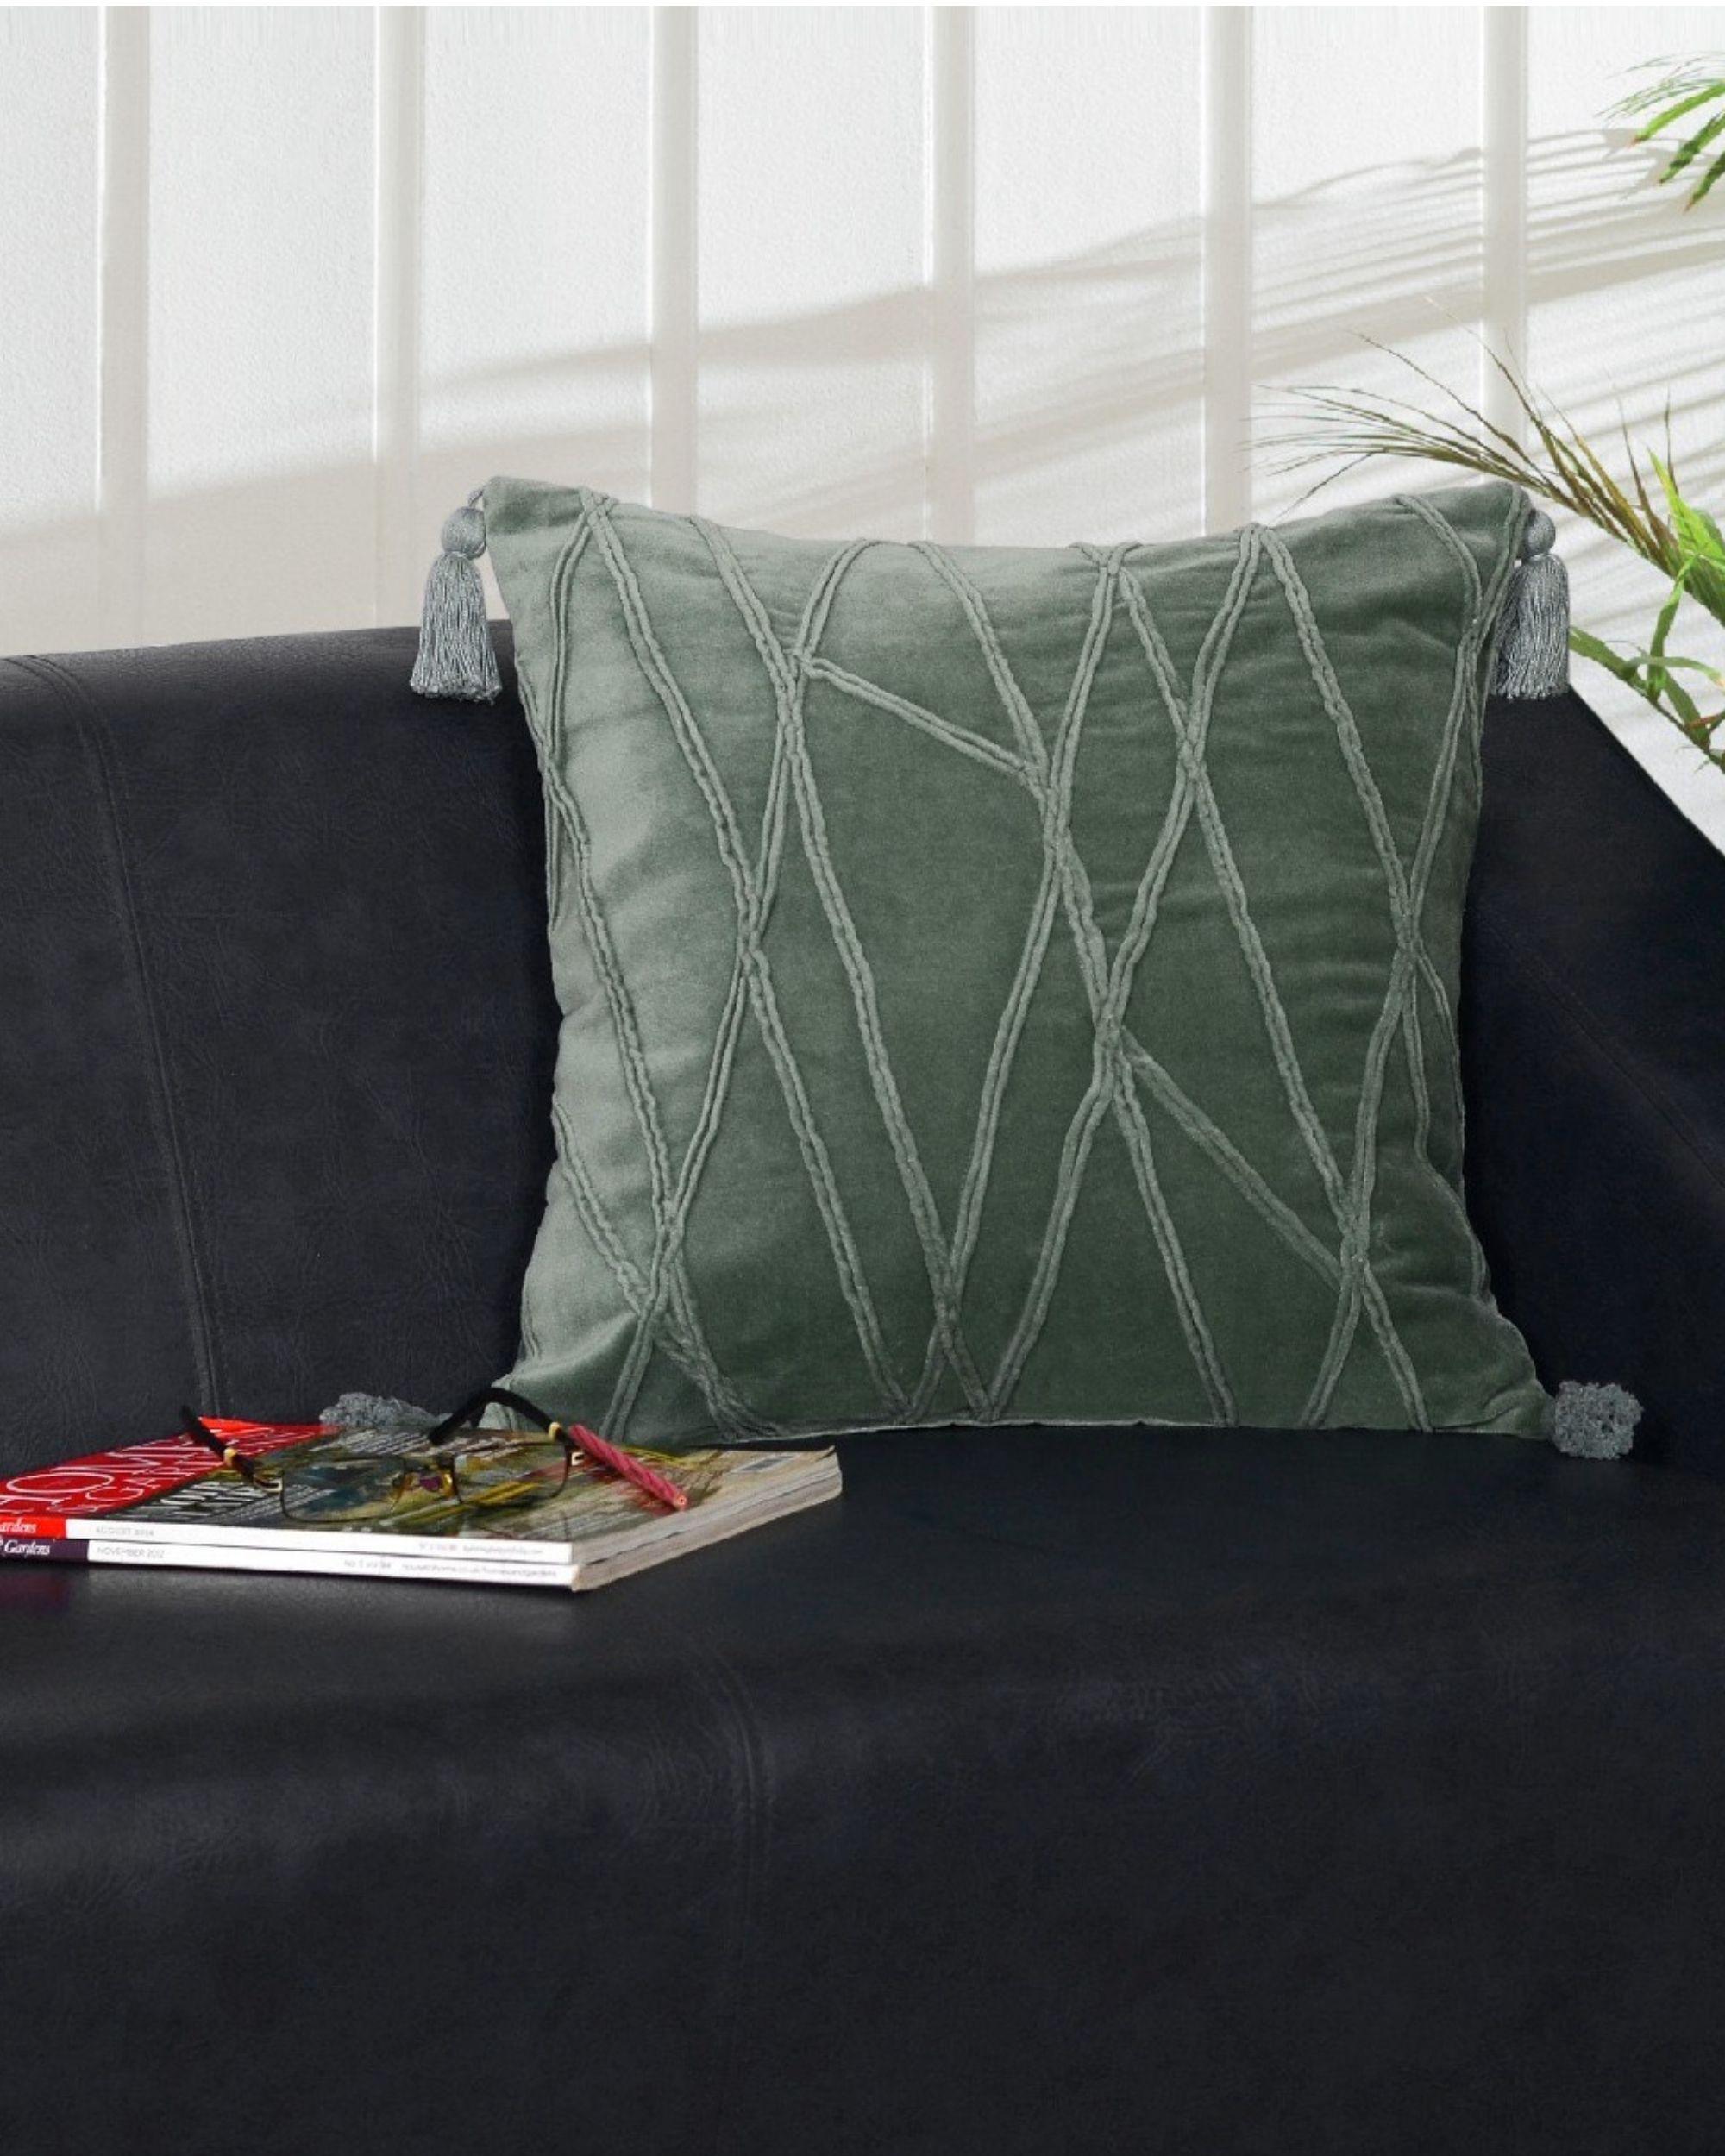 Green tasseled cushion cover